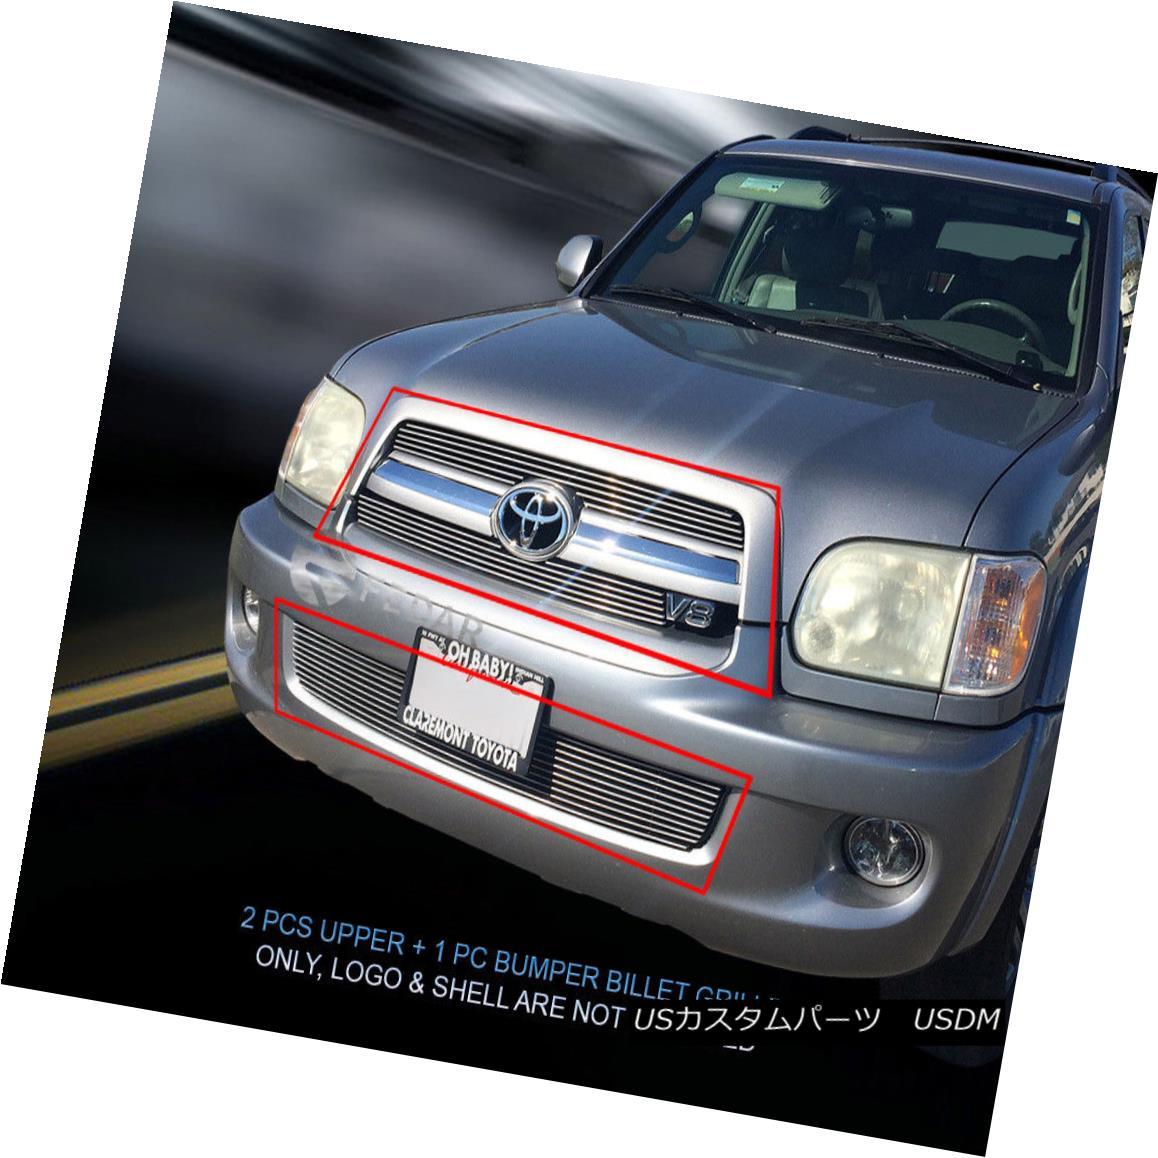 グリル 05 06 07 Toyota Sequoia Billet Grille Grill Combo Insert Fedar 05 06 07トヨタセコイアビレットグリルグリルコンボインサートフェルダ